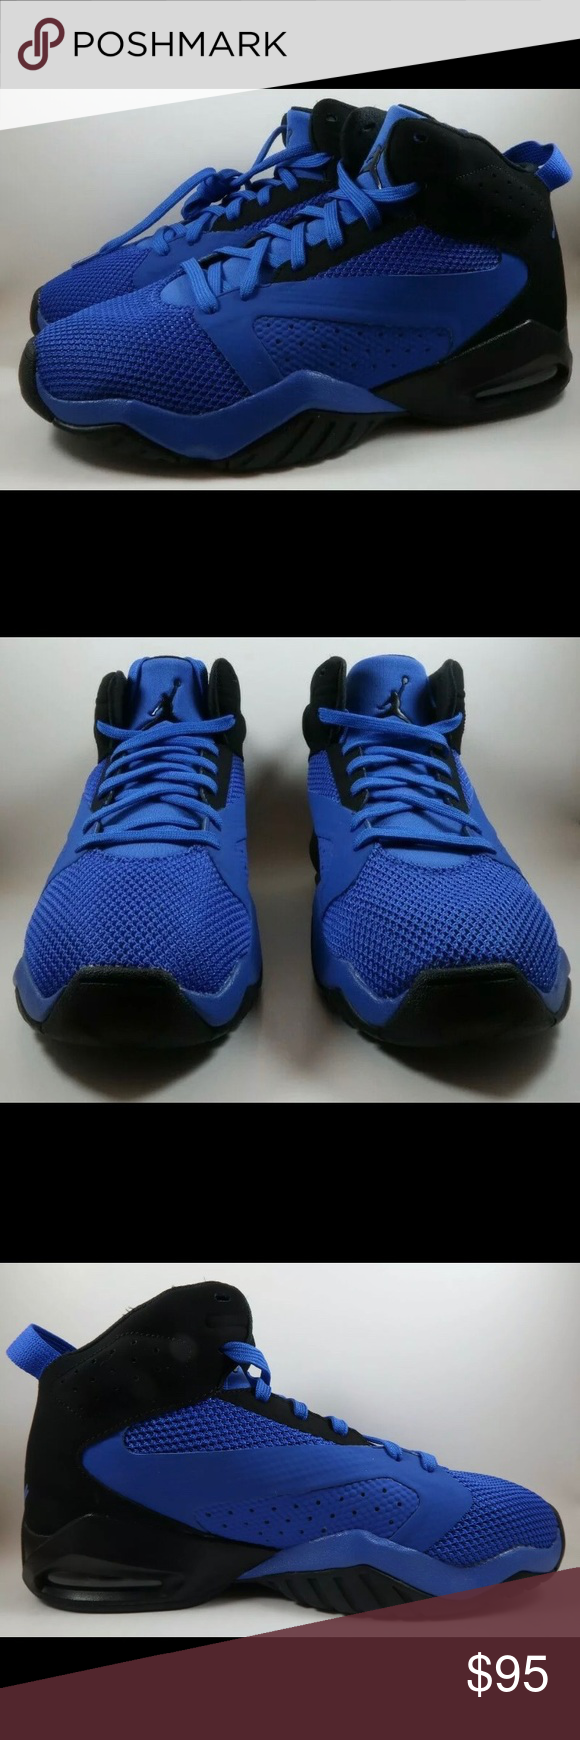 new concept 47efd d19d8 Jordan Lift Off size 8 men's/ 9.5 women's Us size 8 men's ...